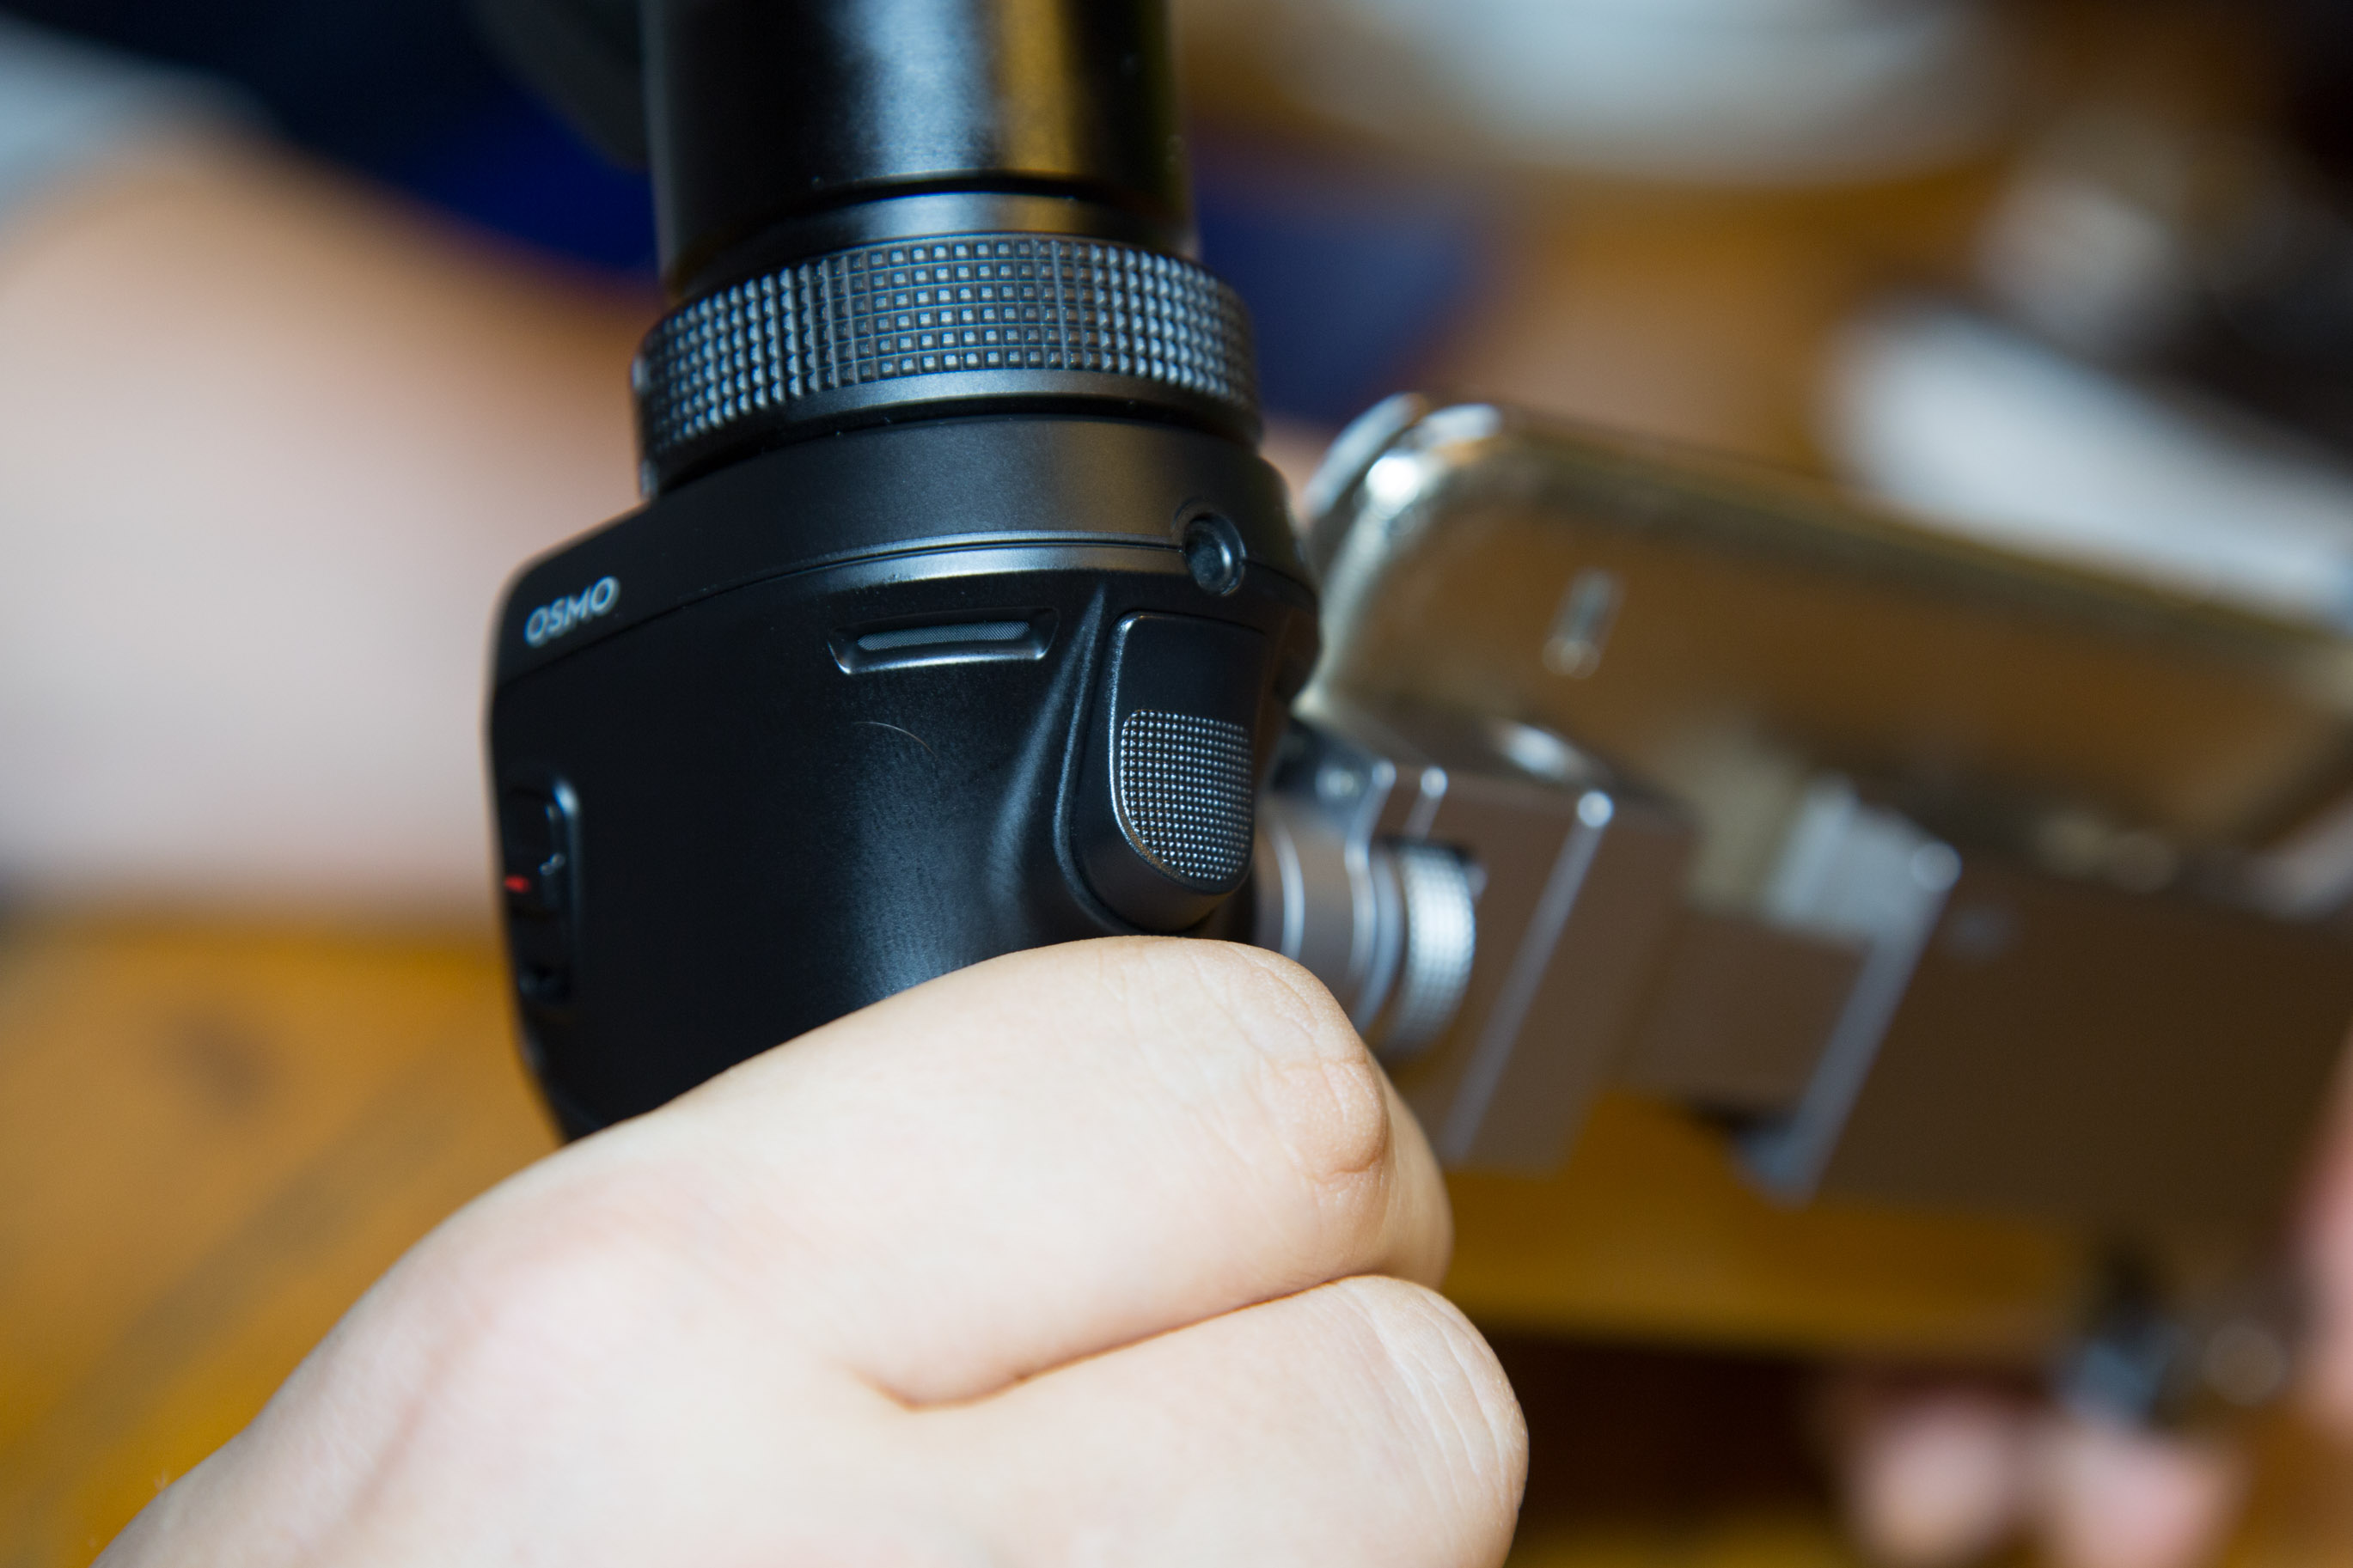 Osmo im Hands on: DJI präsentiert stabilisierte Handkamera für 750 Euro - Der Knopf an der Vorderseite stabilisiert die Kamera auf Knopfdruck, ein doppelter Tipp auf den Button bringt die Kamera in die Waagerechte. (Bild: Martin Wolf/Golem.de)